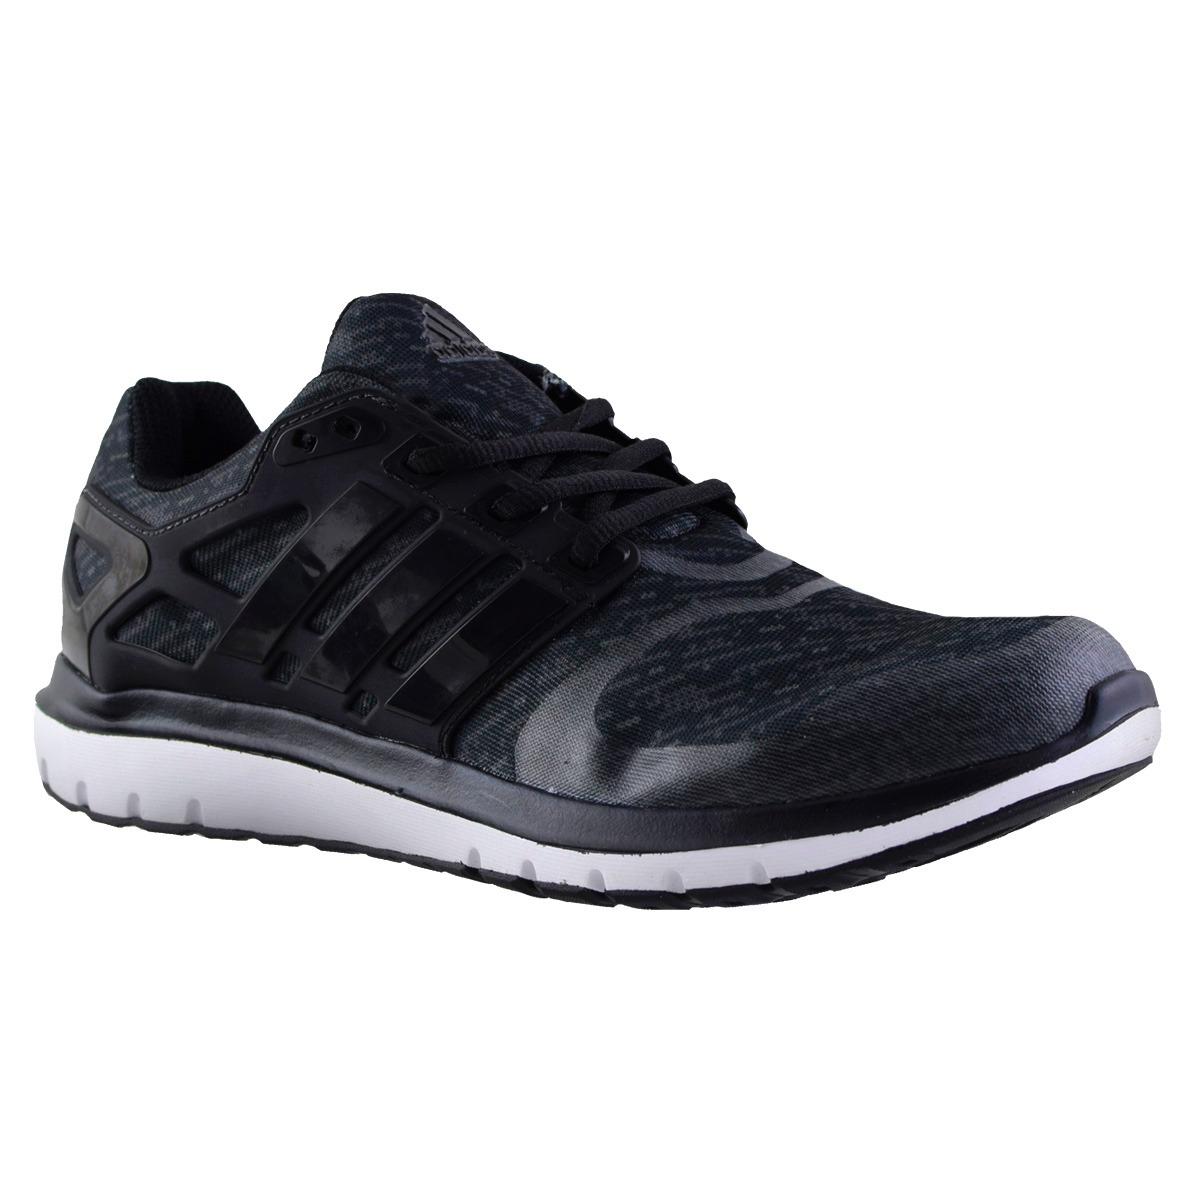 zapatillas adidas energy cloud